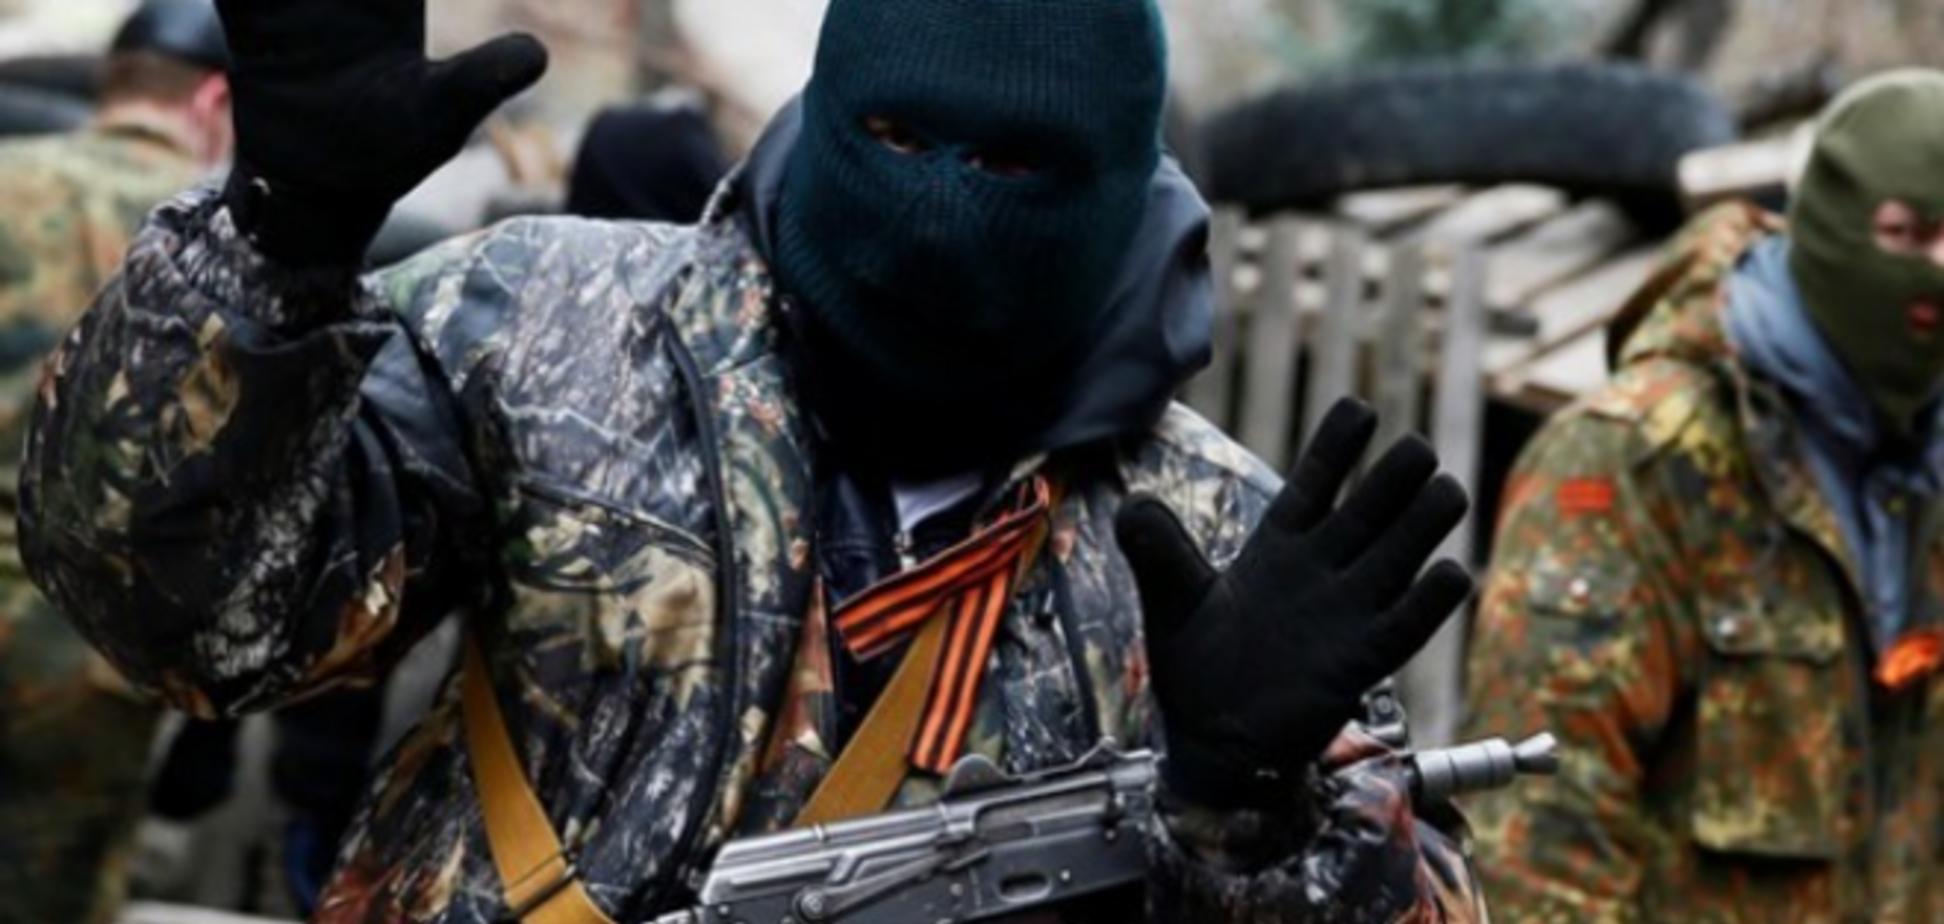 Терористи шукають роботу: у Хмельницький центр зайнятості звернулися прихильники 'ЛНР'/'ДНР'